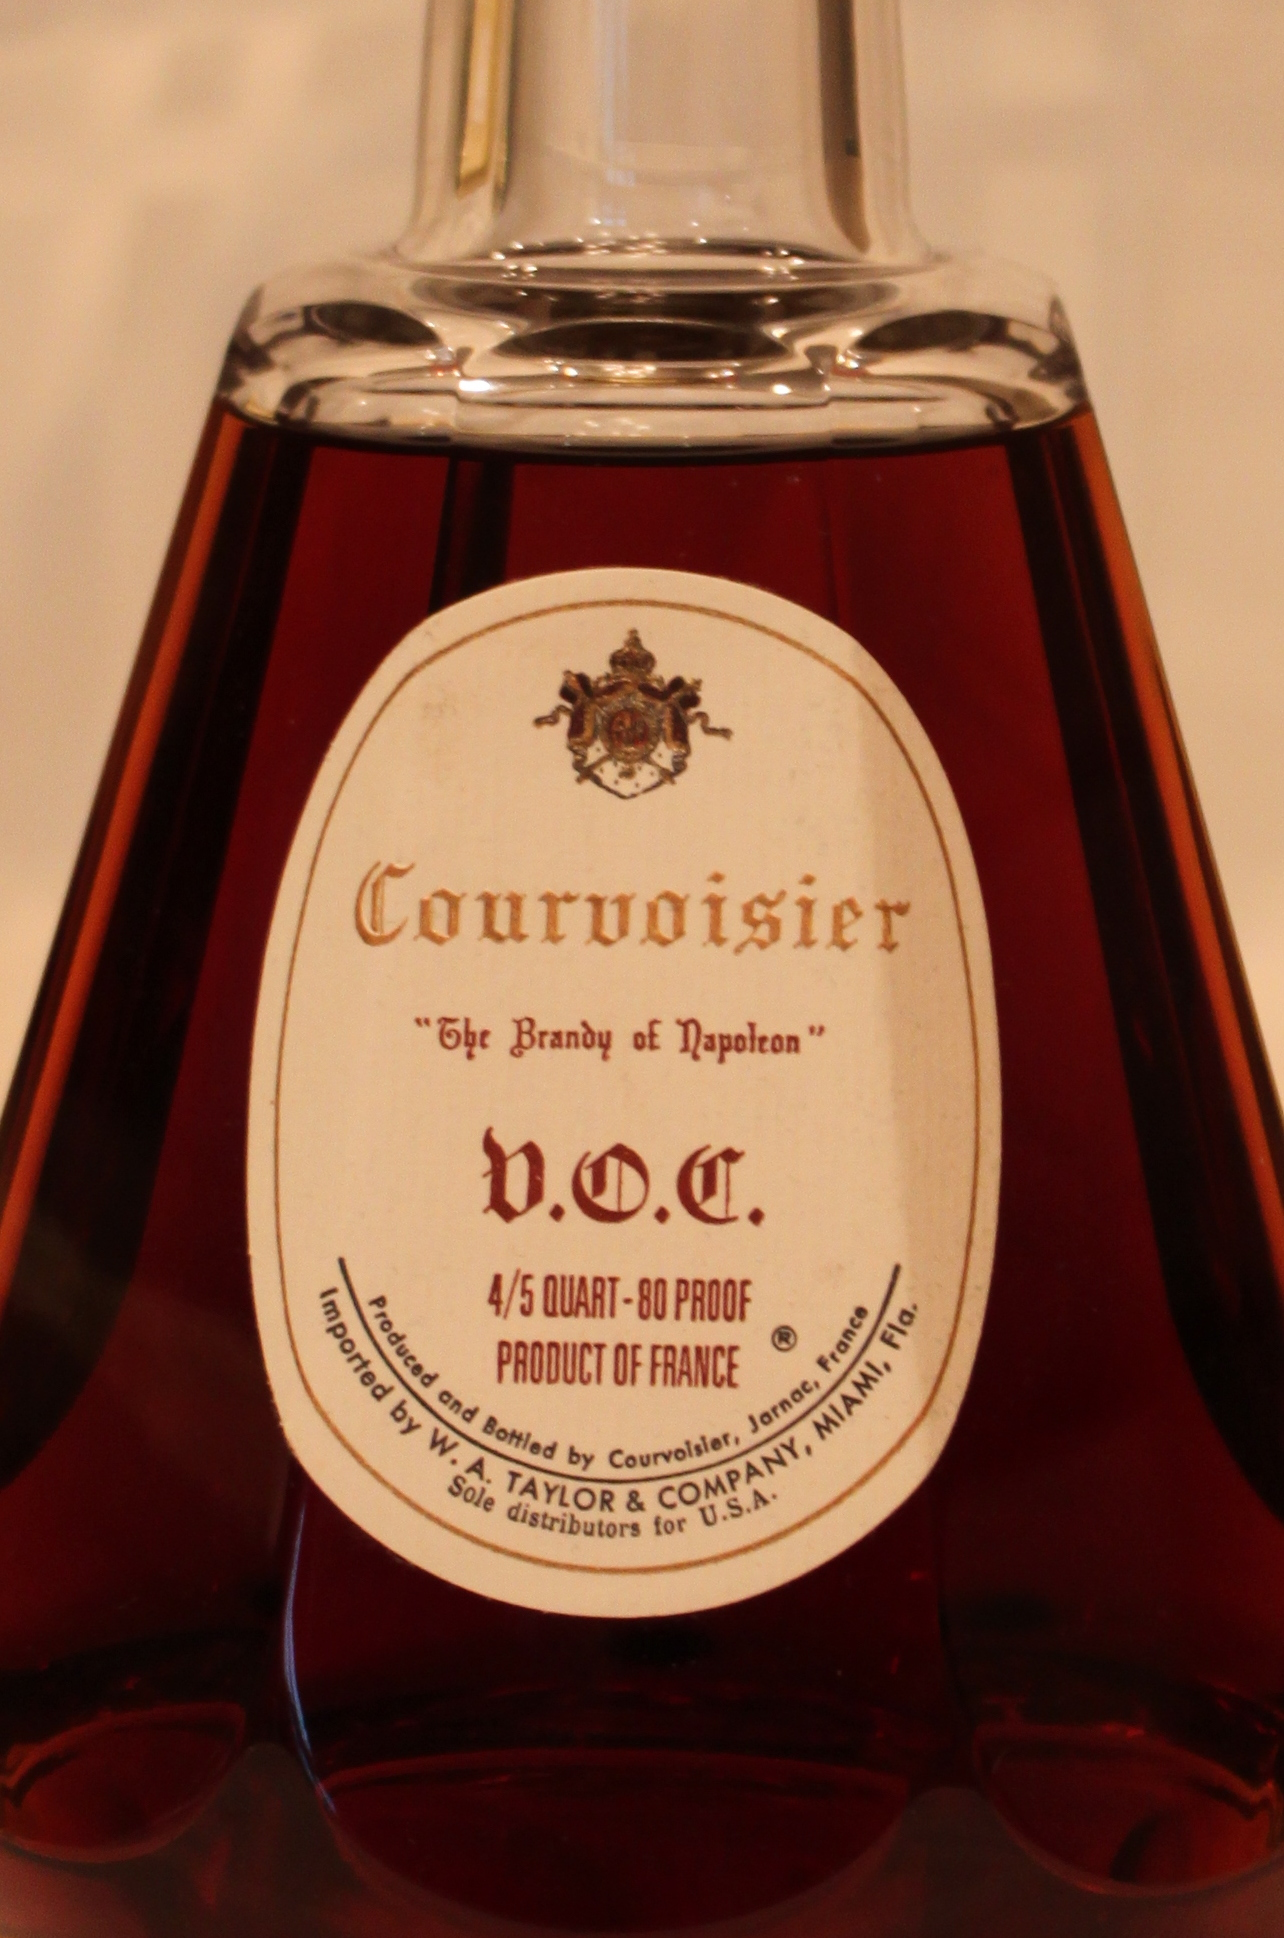 Courvoisier VOC Cognac